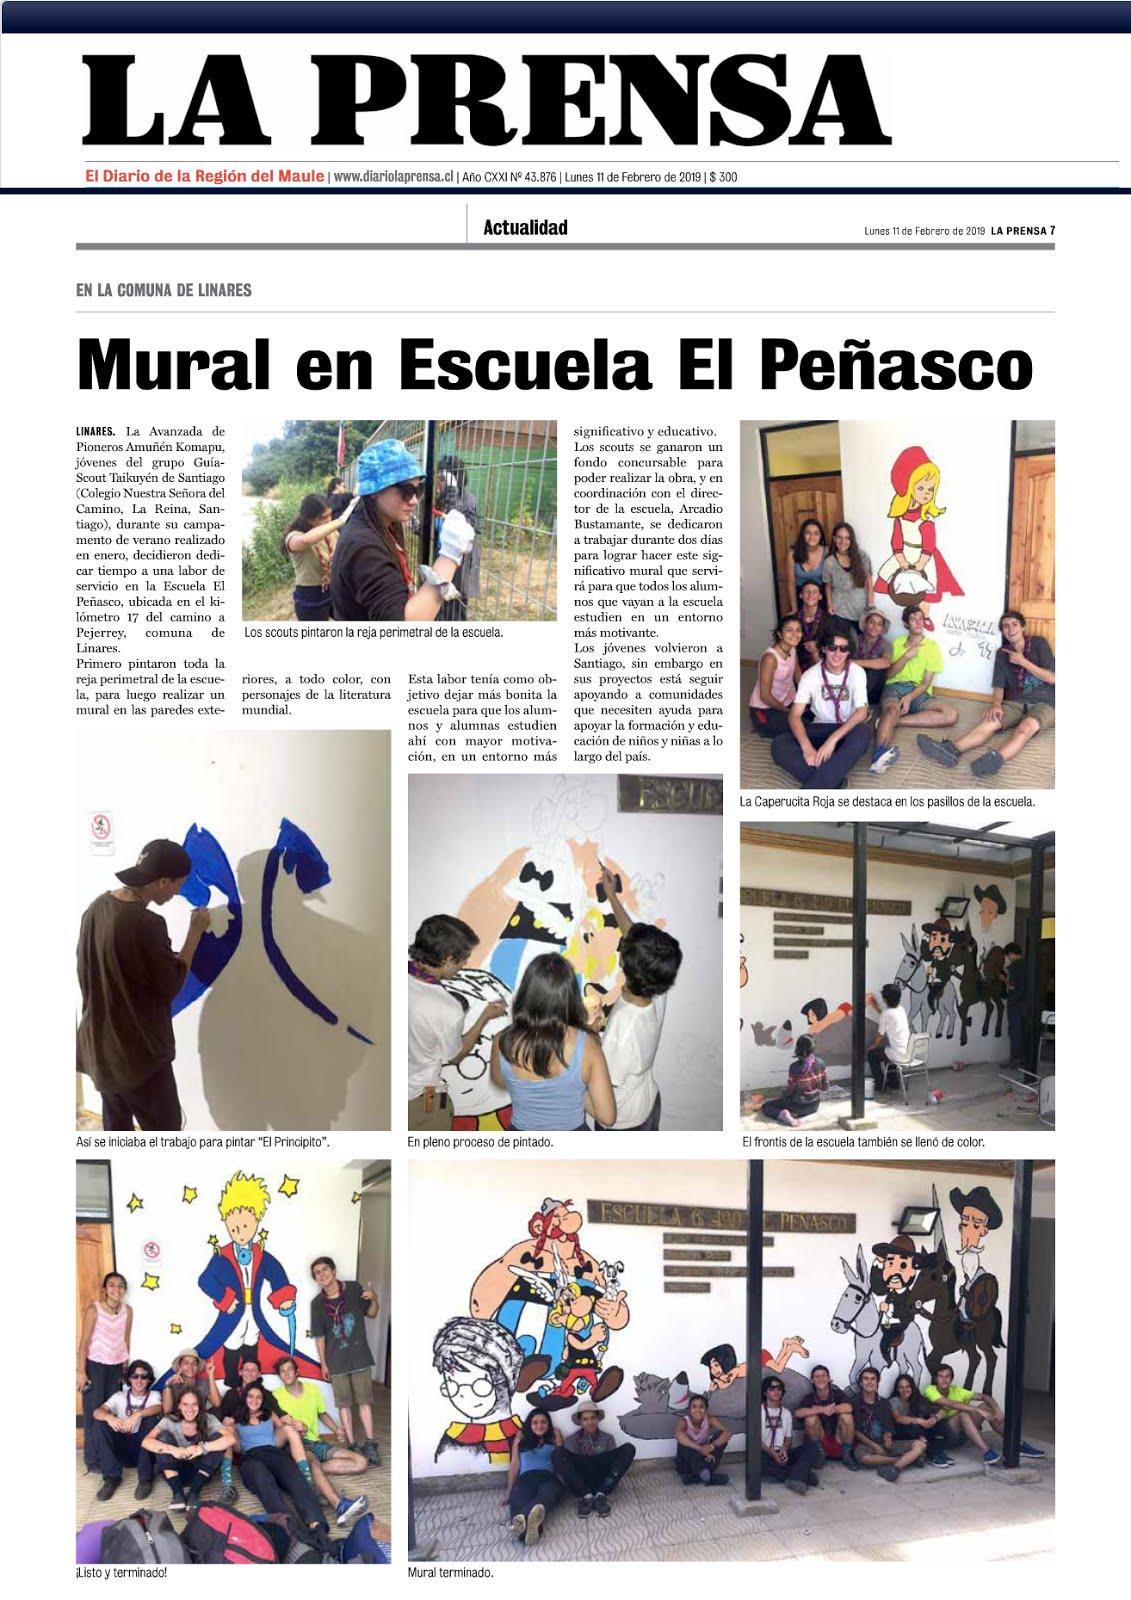 Taikuyén en La Prensa